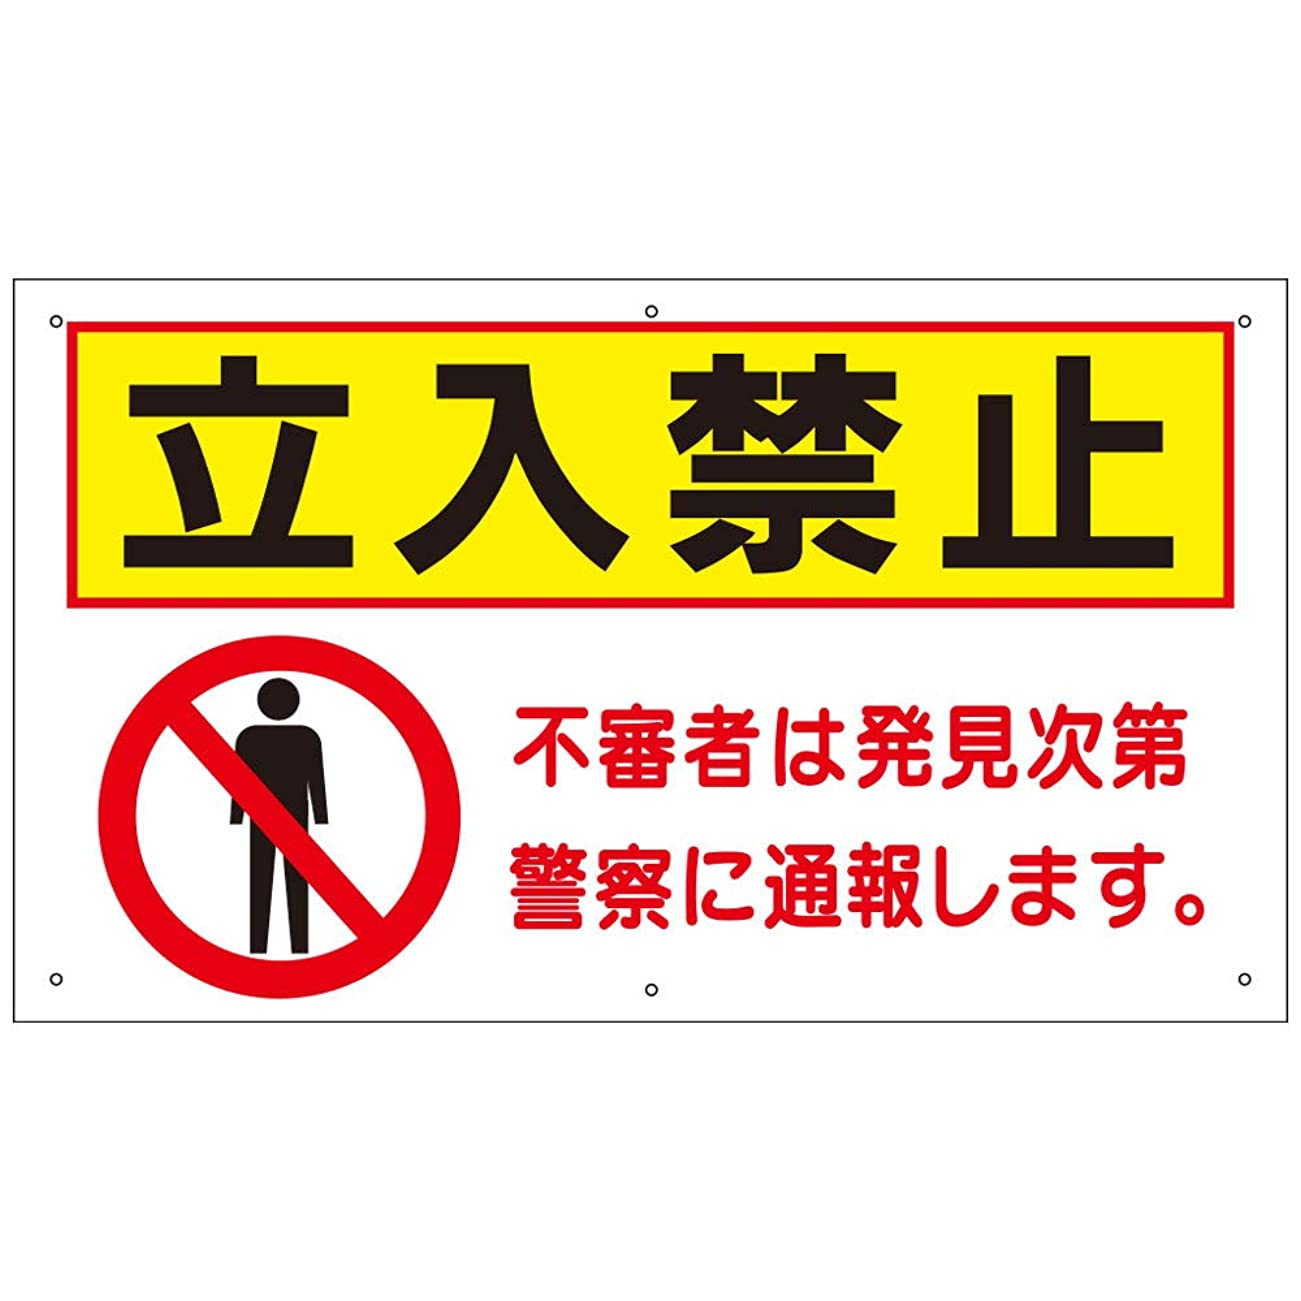 粘液ではごきげんよう燃やす立入禁止 看板 立ち入り禁止 不法侵入 不審者 無断立入 警察へ通報 立ち入り /TO-32A